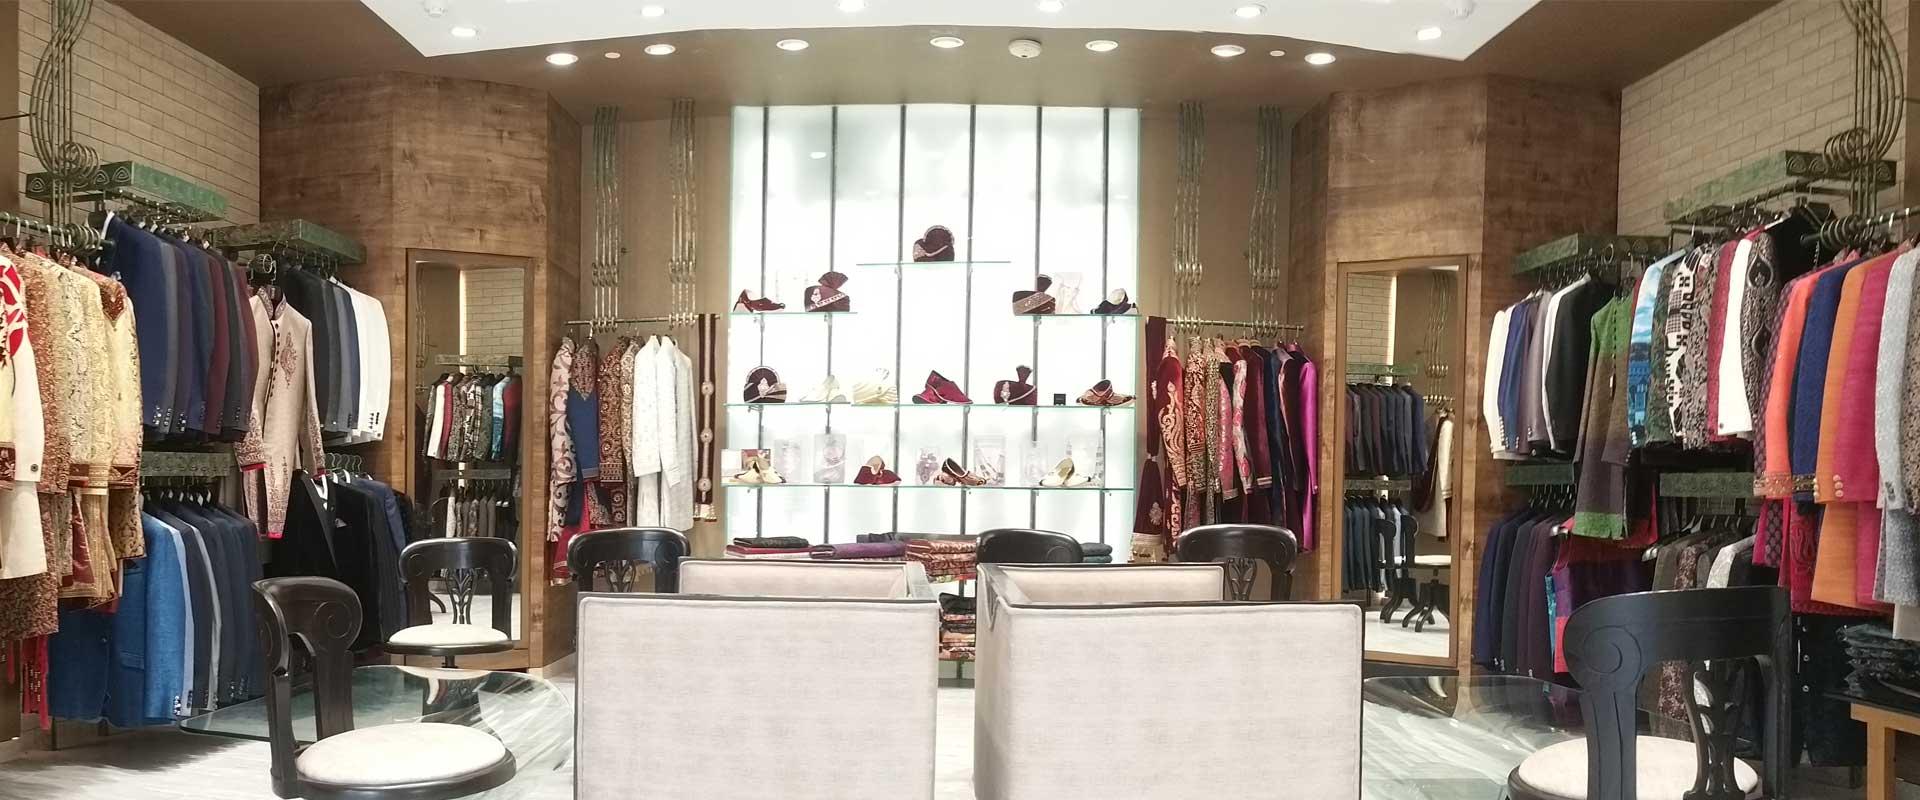 Bennevis Retail Studio